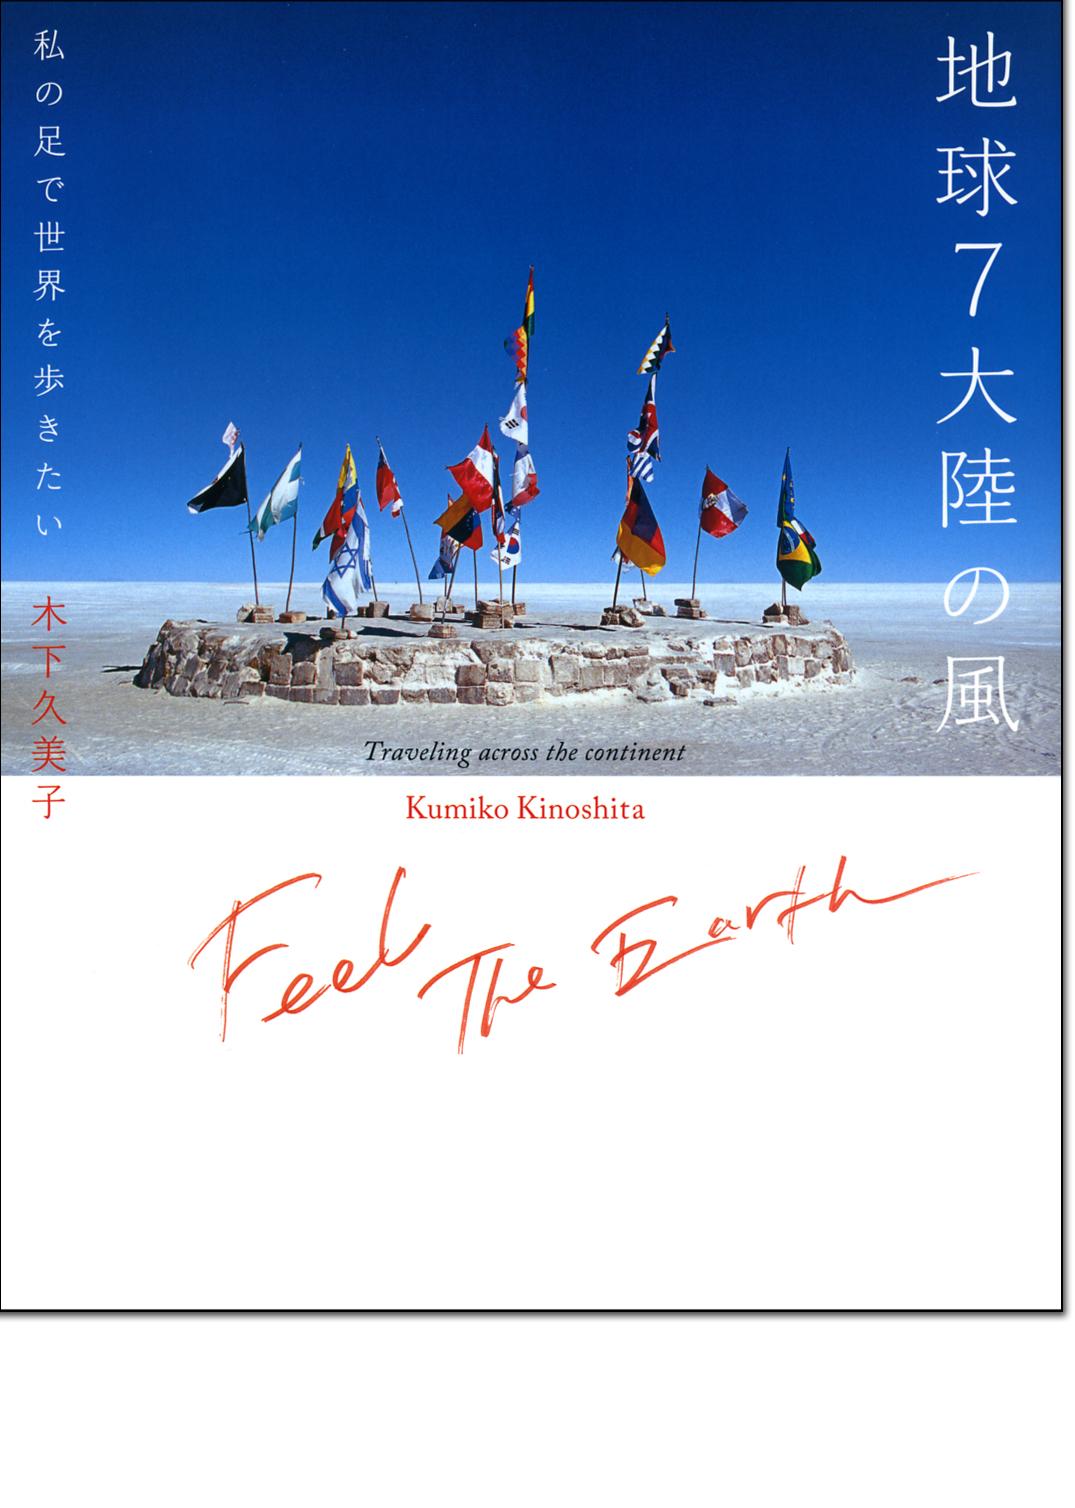 木下久美子写真集「地球7大陸の風」